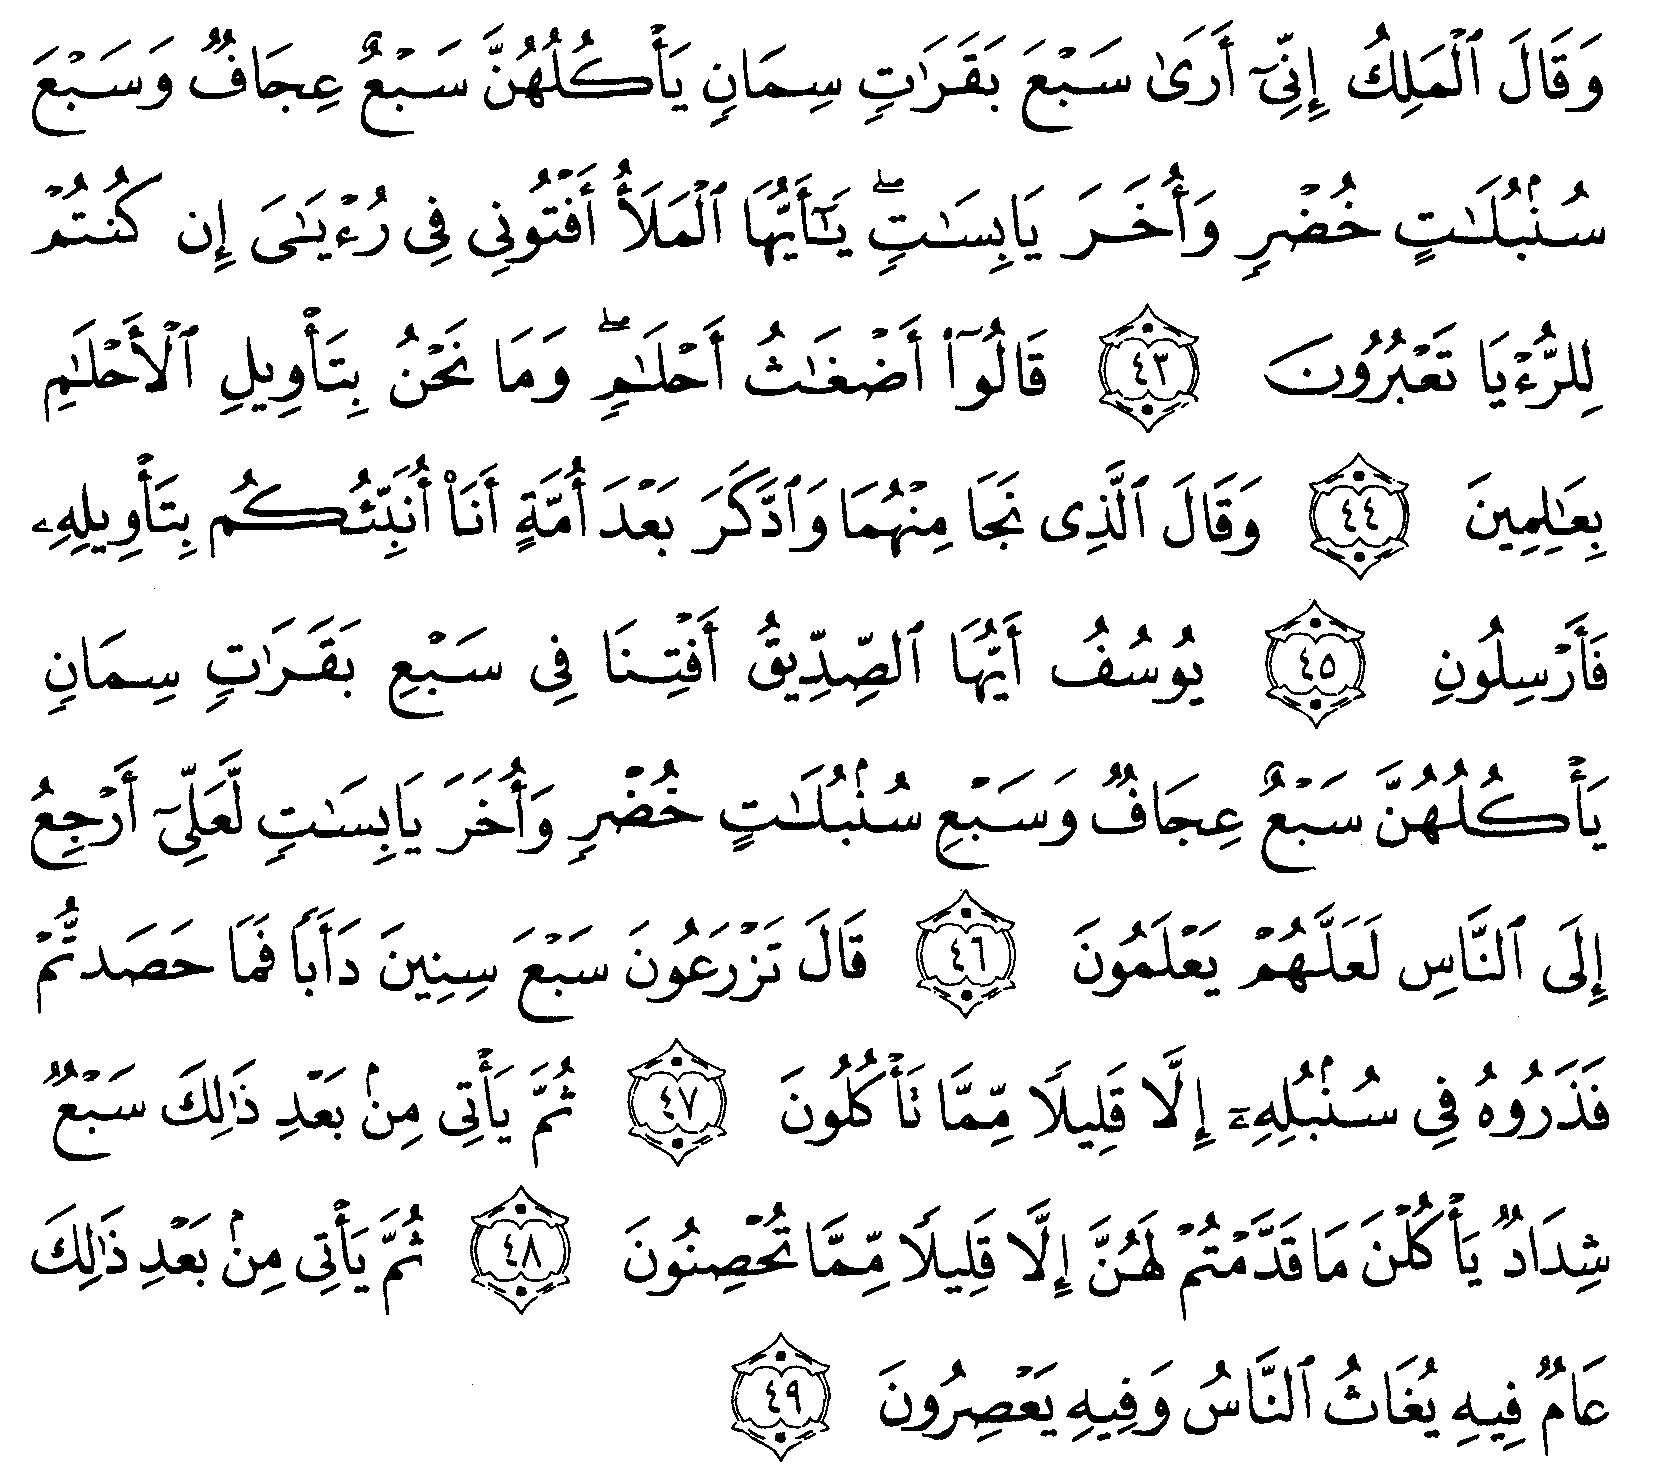 Tafsir Ibnu Katsir Surah Yusuf Ayat 43 49 Alquranmulia